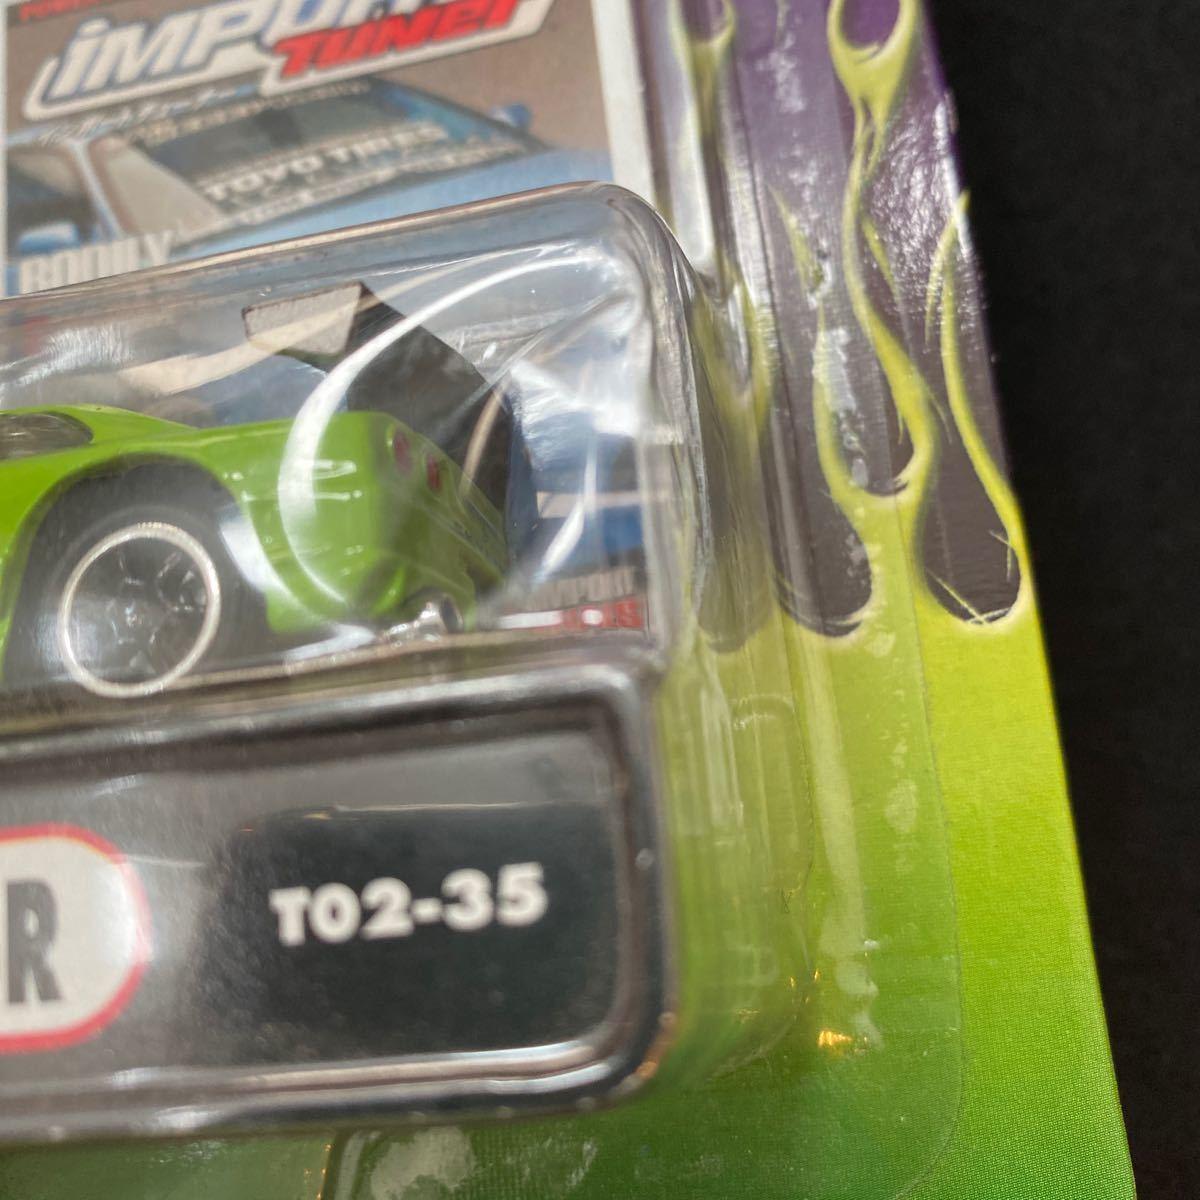 2002 Muscle Machines インポート チューナー 日産 スカイライン GT-R ミニカー チューニングカー Nissan Skyline Import Tuner 1/64_画像7